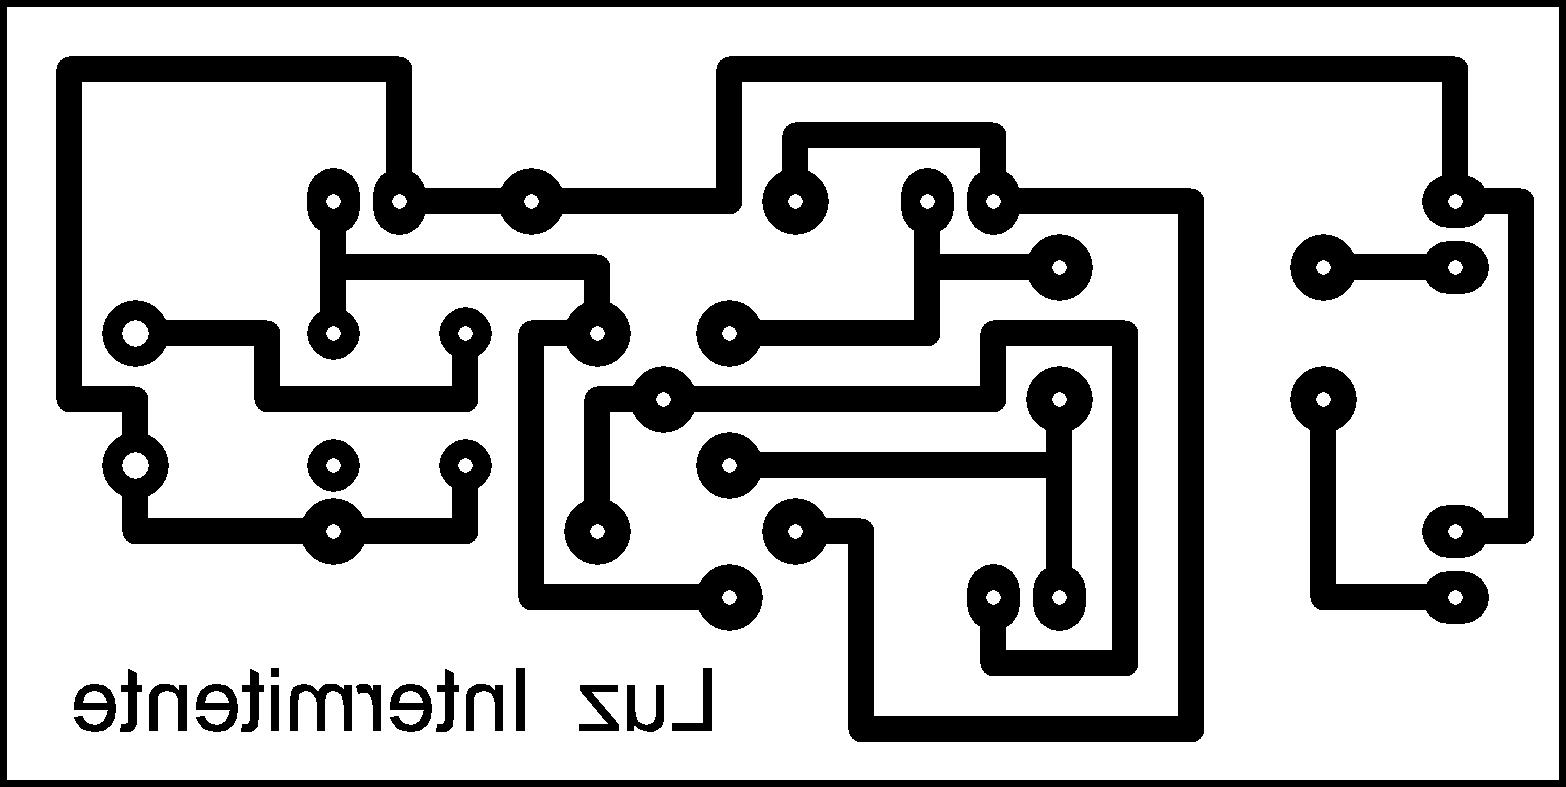 circuito intermitente con transistores  circuito